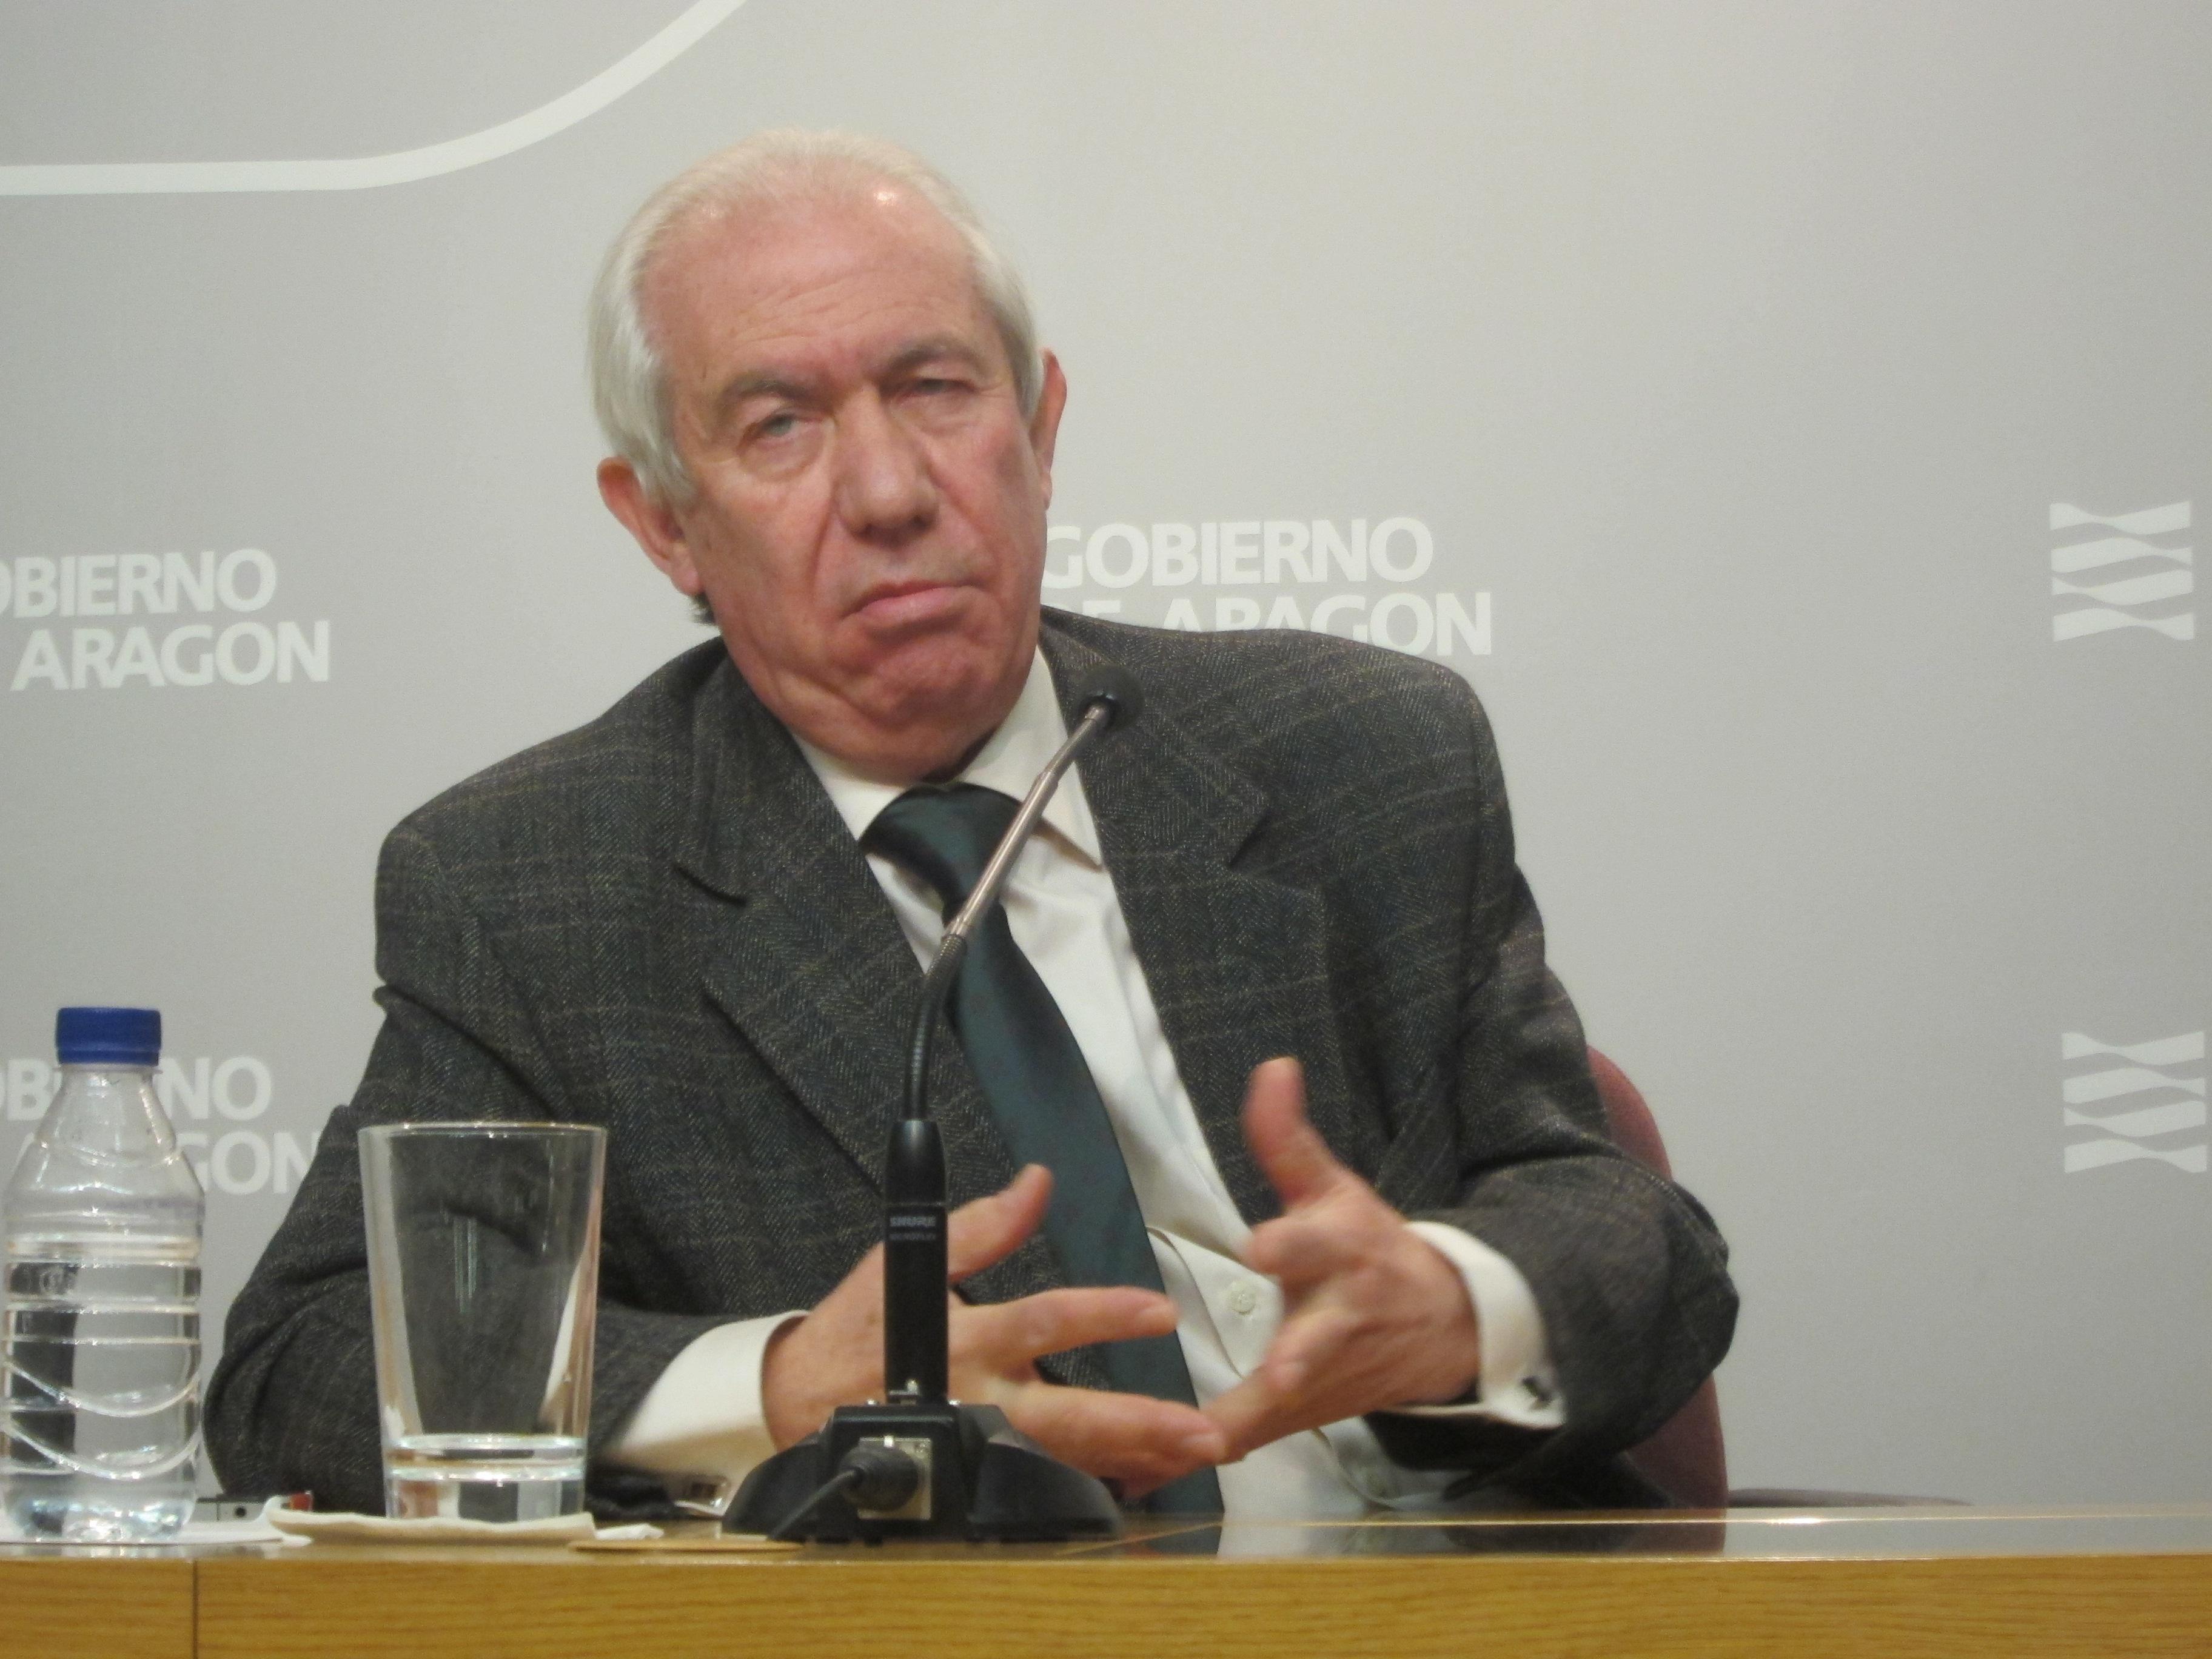 El consejero de Economía destaca que «previsiblemente» el 2013 acabará con menos parados que a comienzos de año